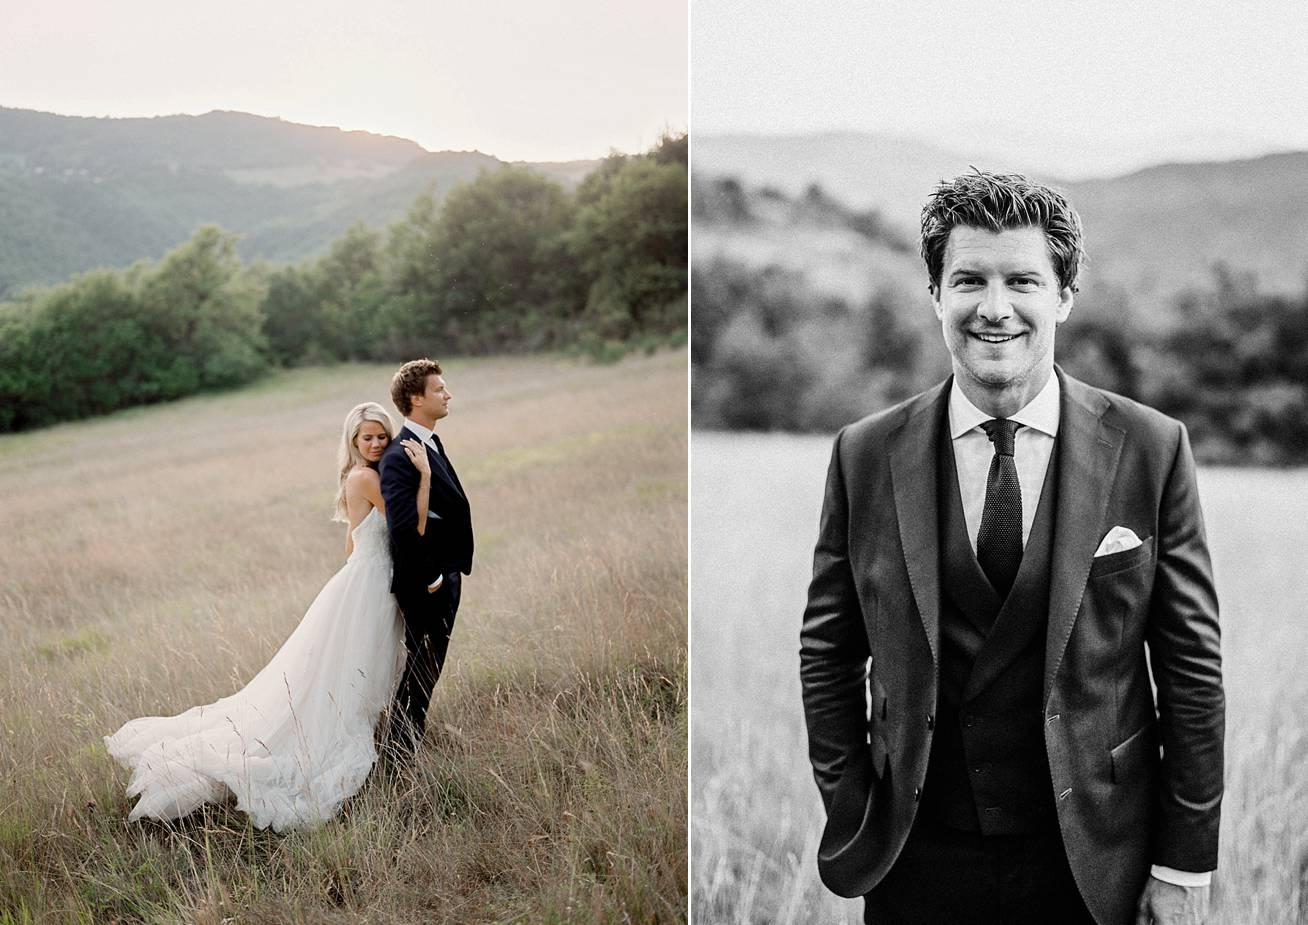 Amanda-Drost-Fotografie-trouwen-in-italie-bruidsfotografie_0080.jpg